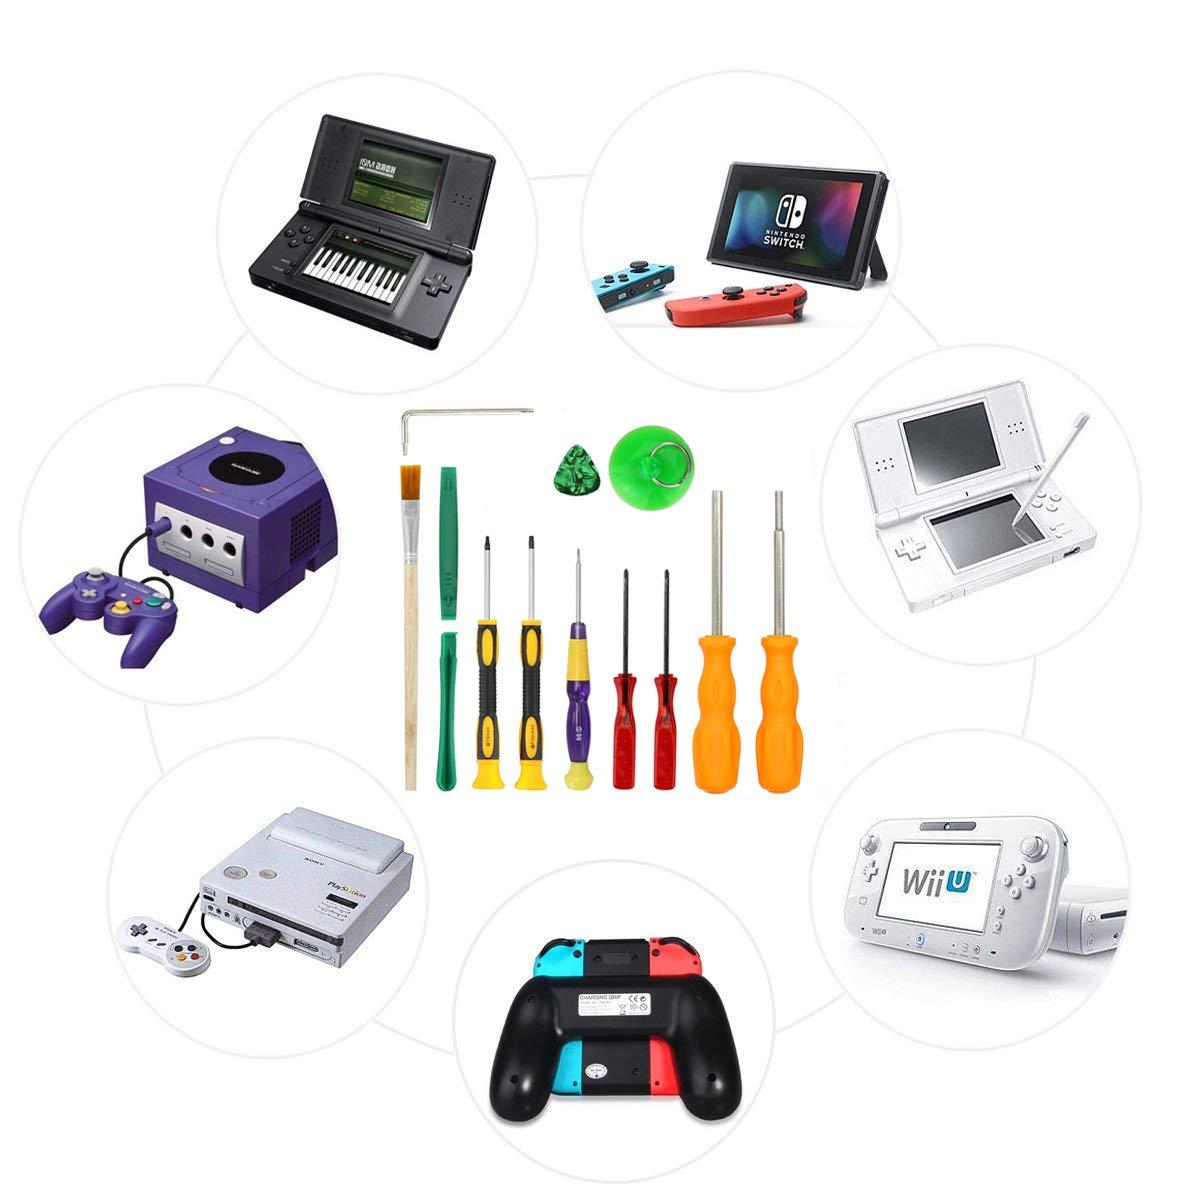 Nintendo - Juego de destornilladores para Nintendo Switch Joy-Con, Nintendo New 3DS, Wii, Wii U, NES, SNES, DS Lite, GBA Gamecube: Amazon.es: Bricolaje y ...